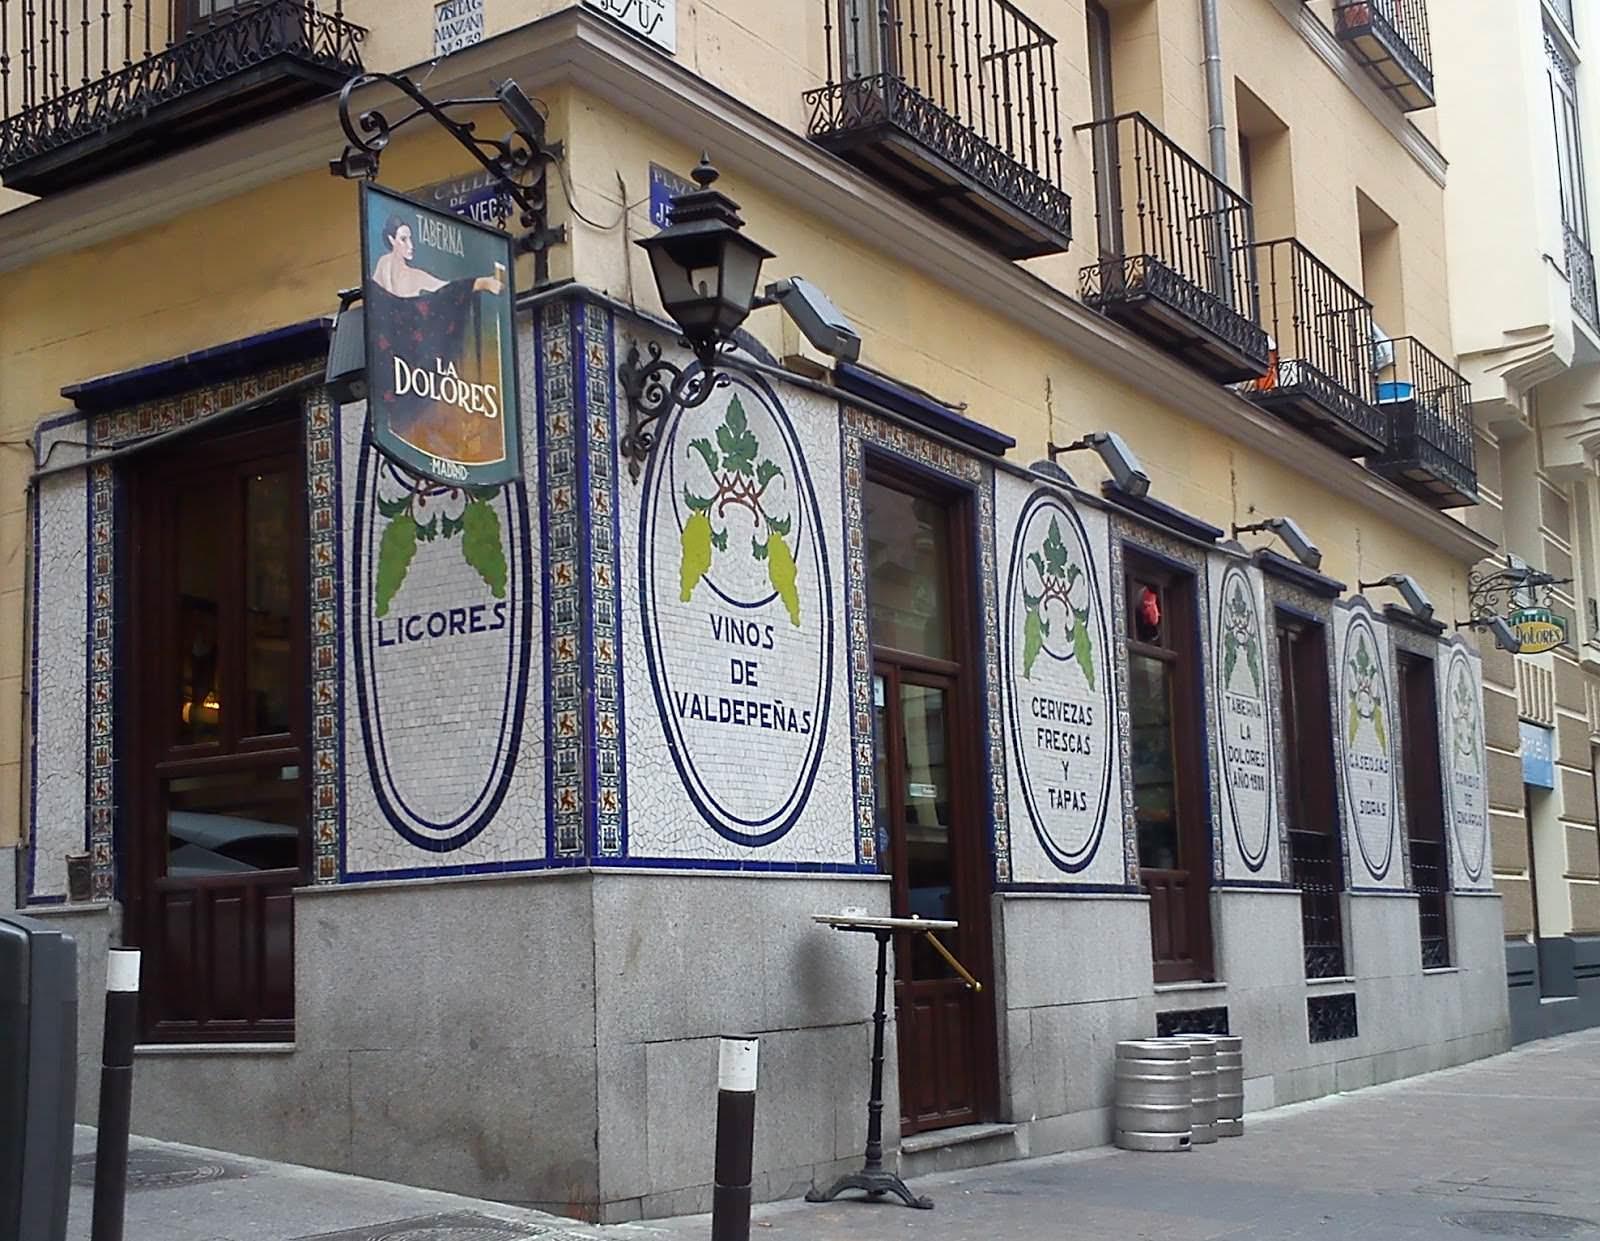 Los 10 bares más castizos de Madrid • Un buen día en Madrid